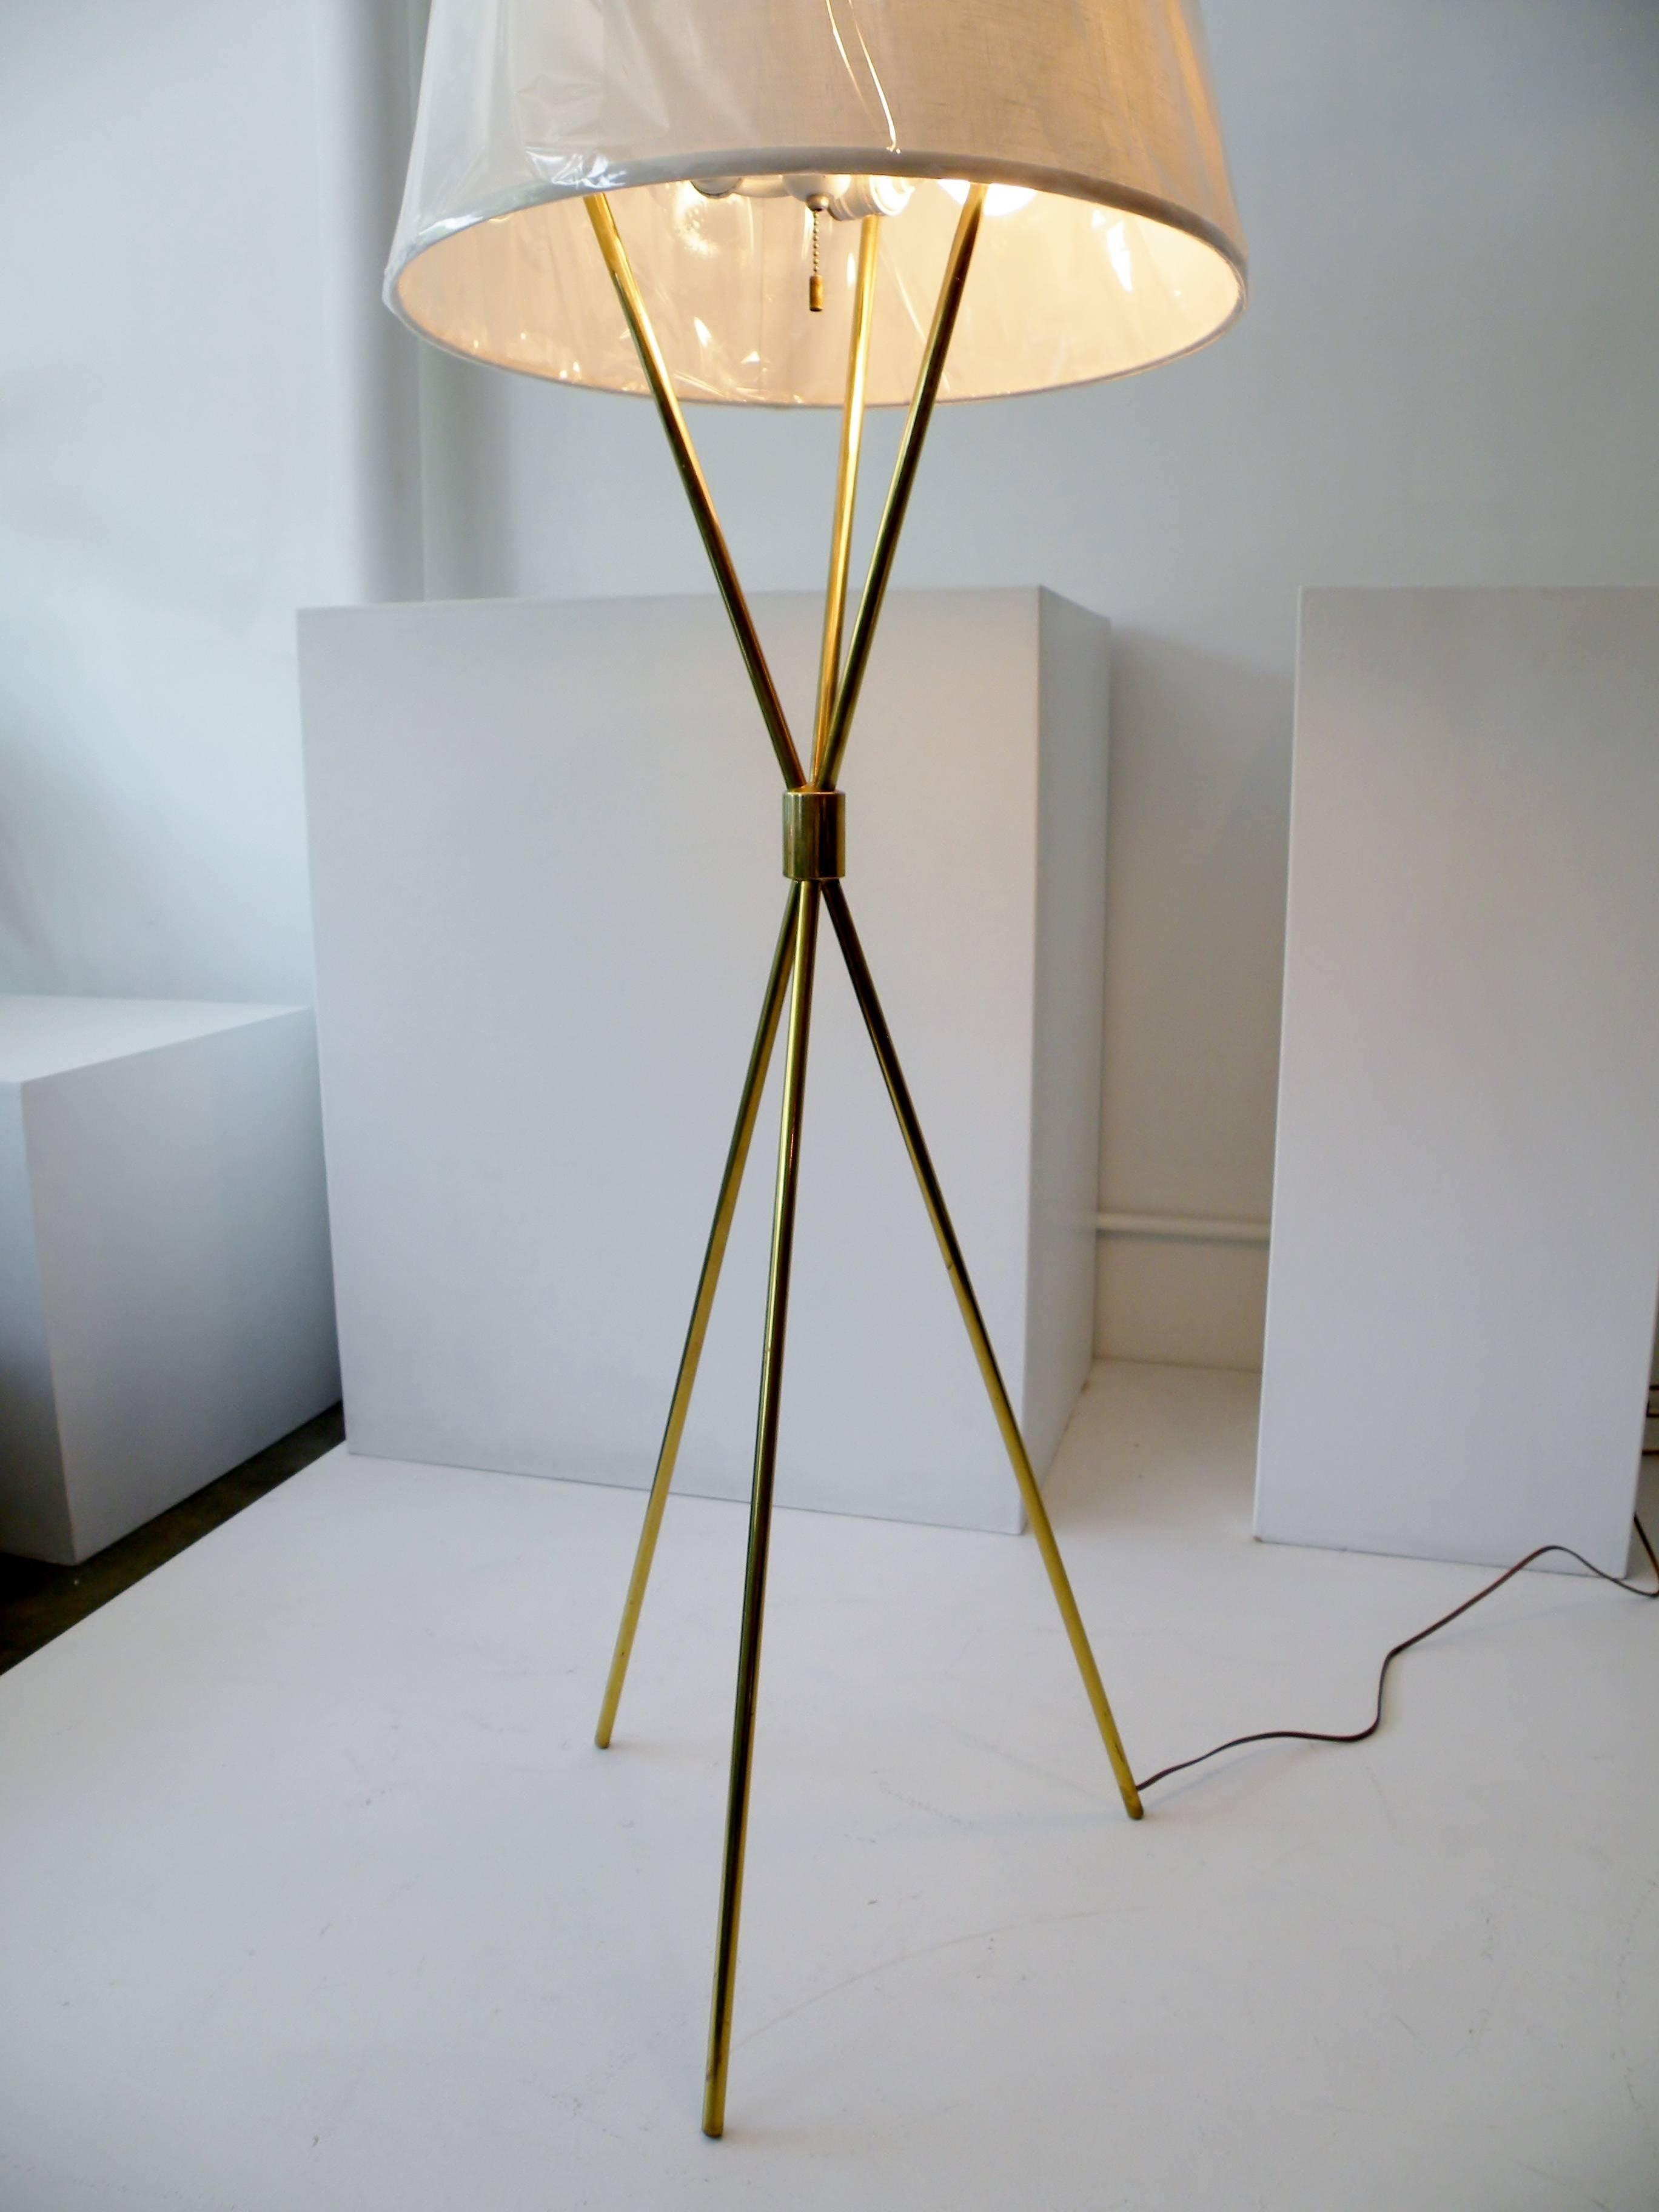 Buy Denver Tripod Floor Lamp from the